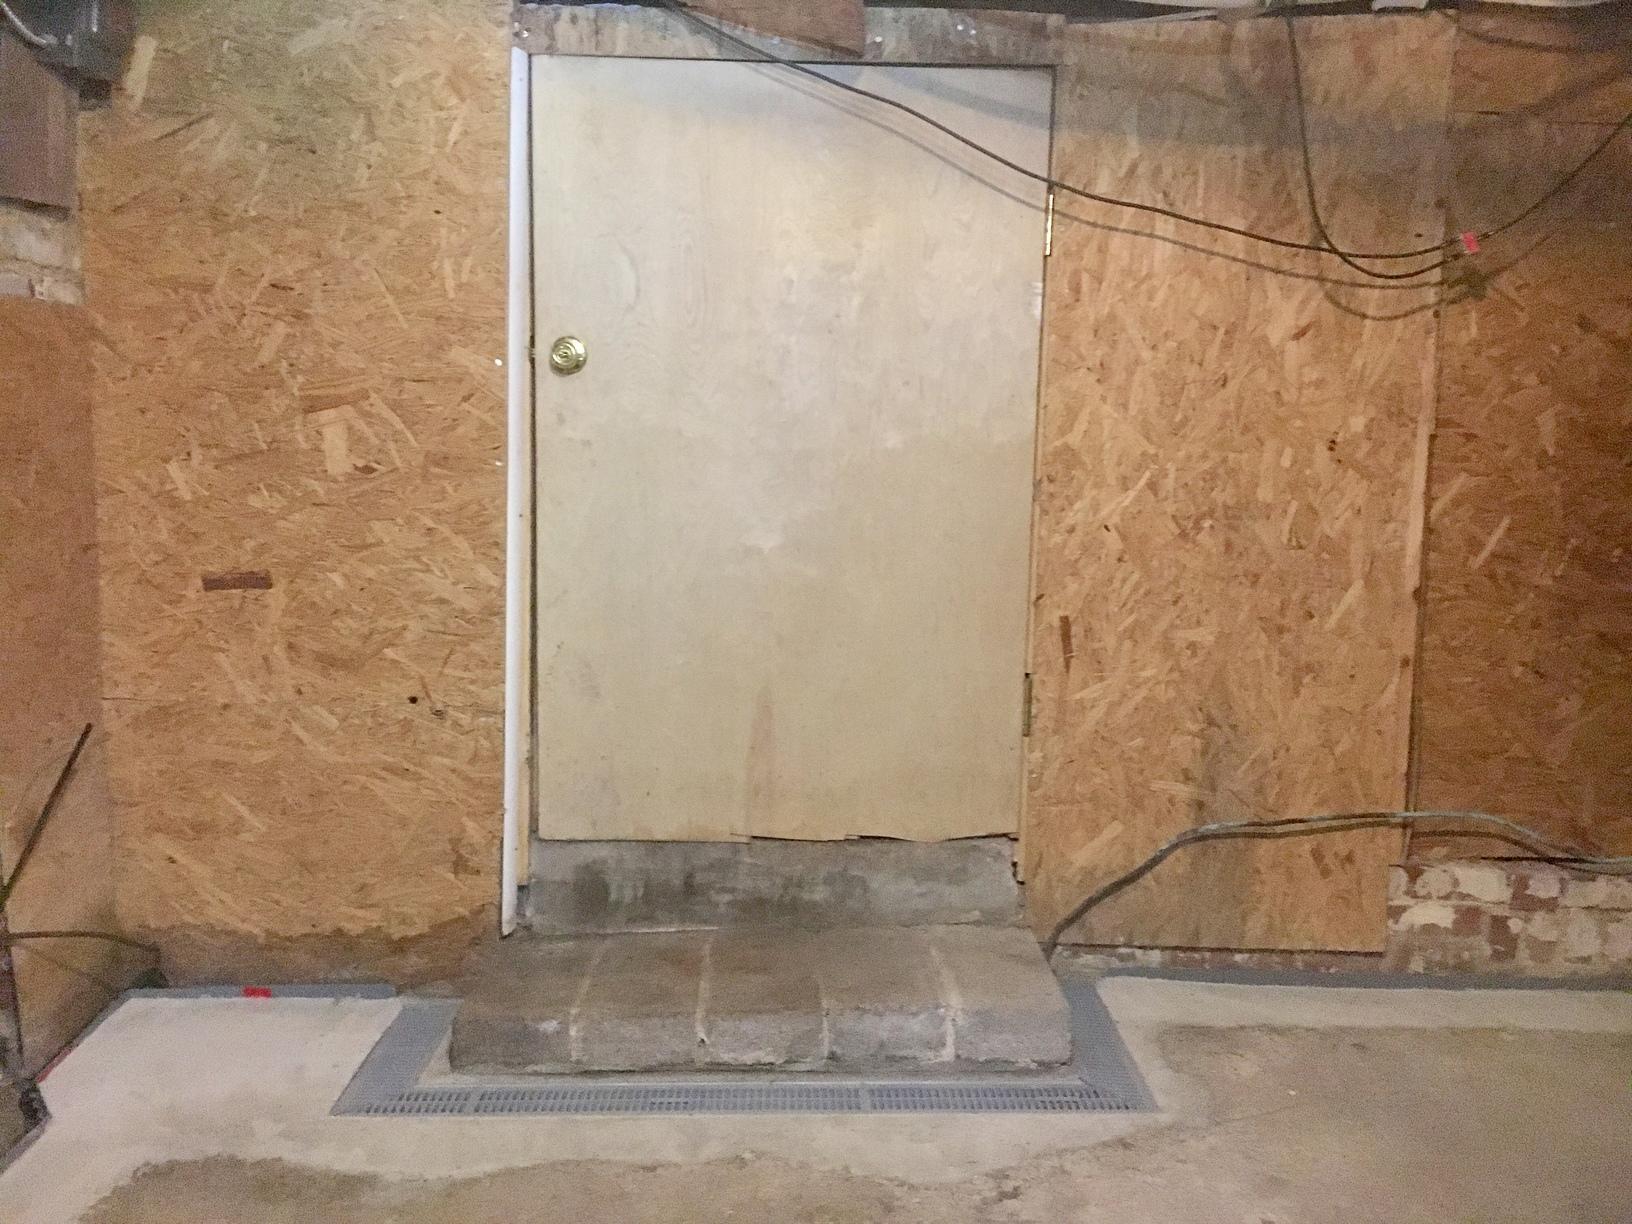 Trench Drain - Basement Waterproofing - Petersburg, VA - After Photo